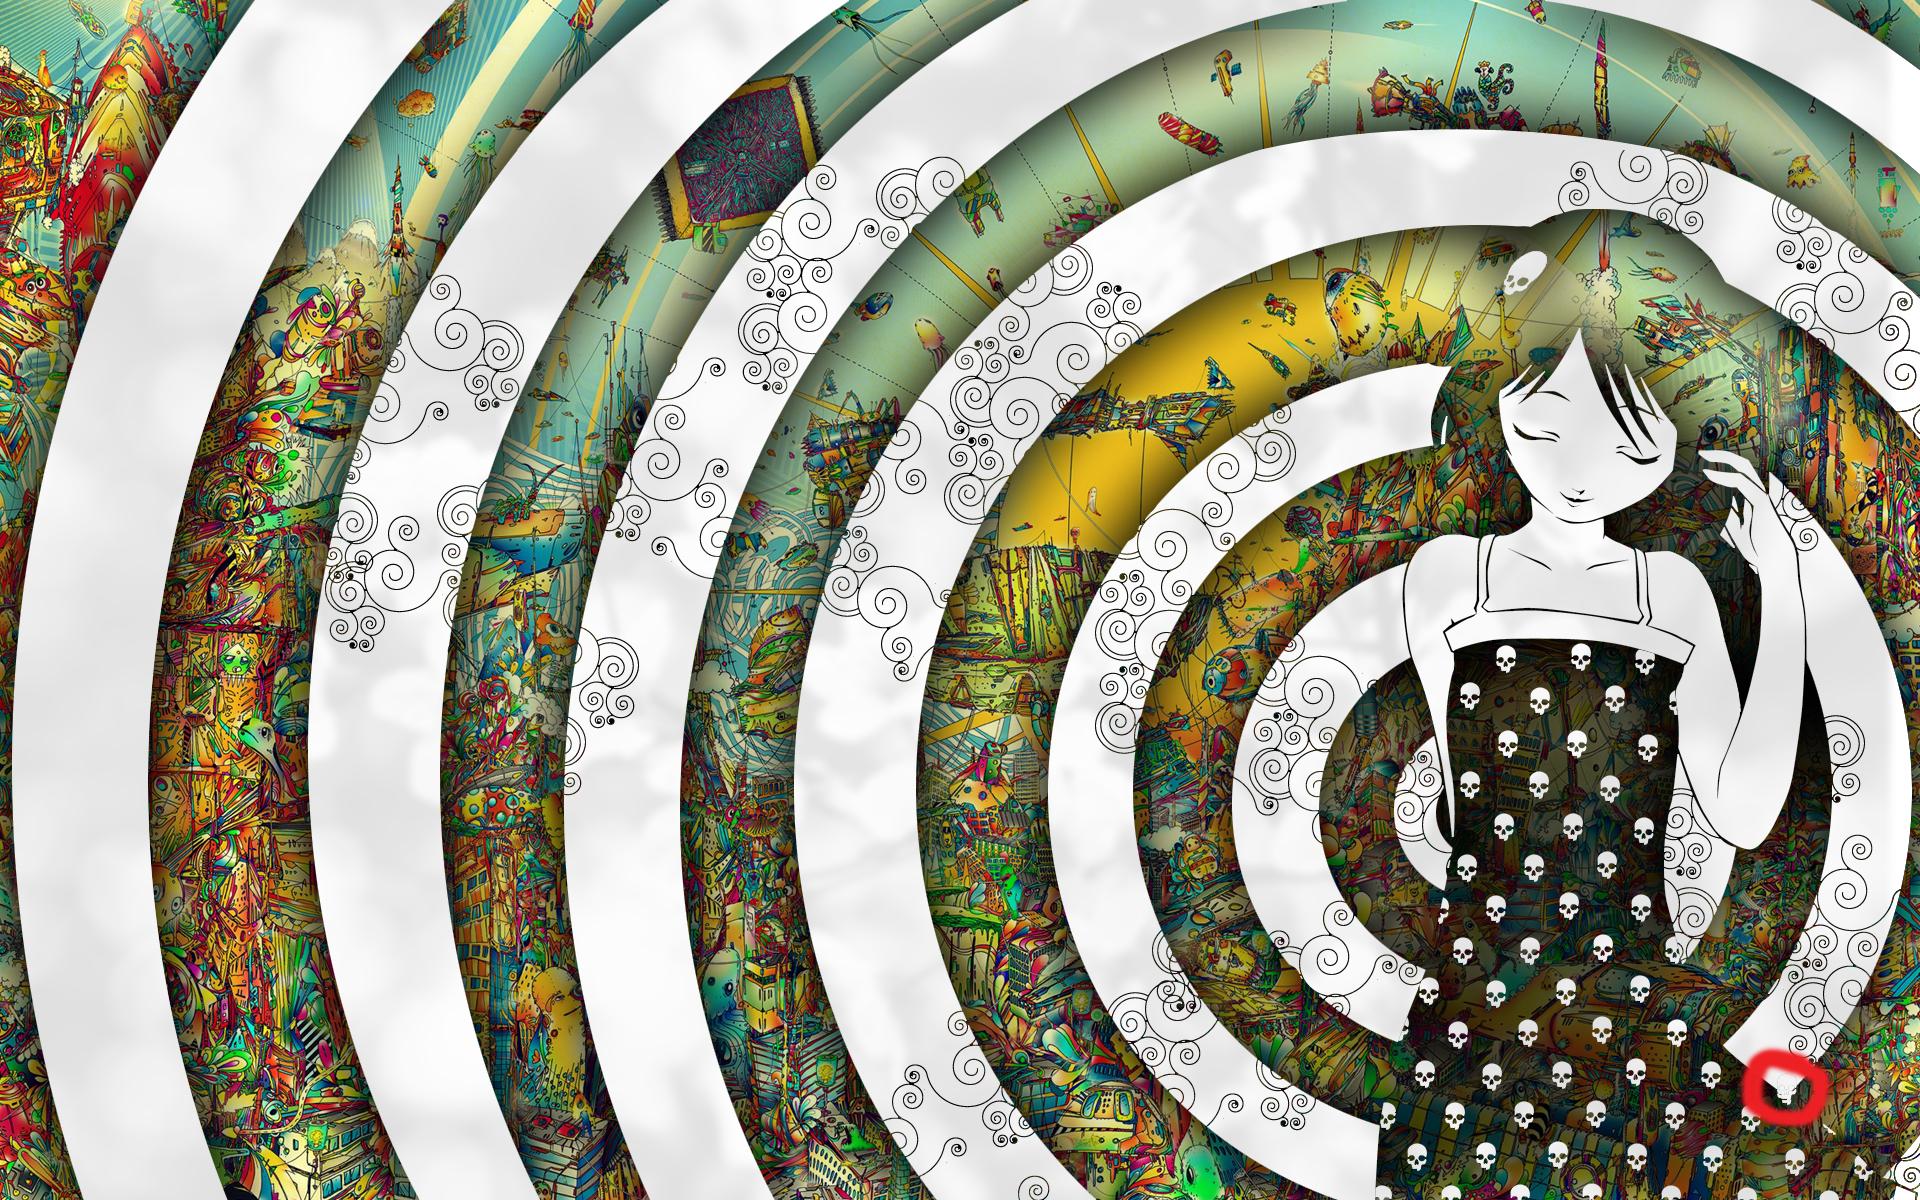 Circulos concentricos y chica - 1920x1200